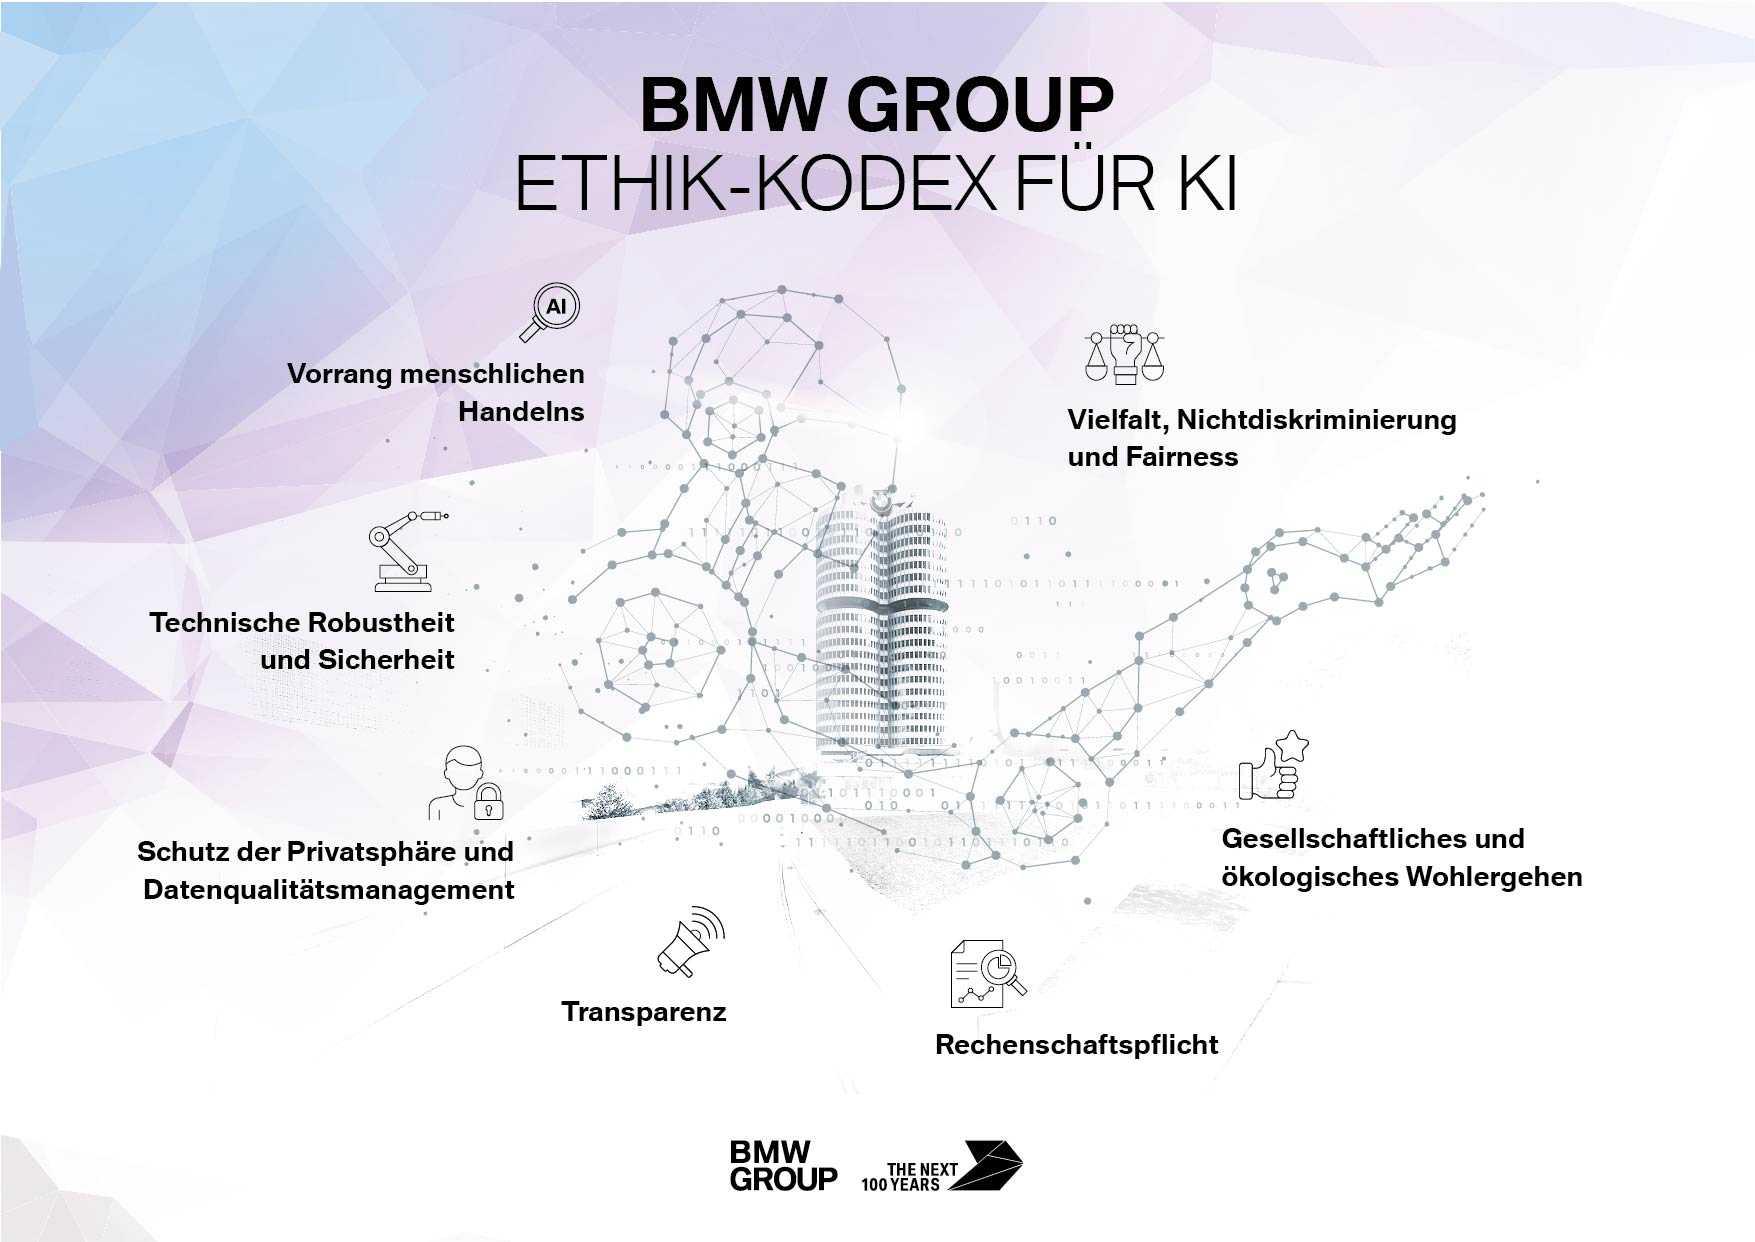 Sieben Grundsätze für KI bei der BMW Group. (10/2020)